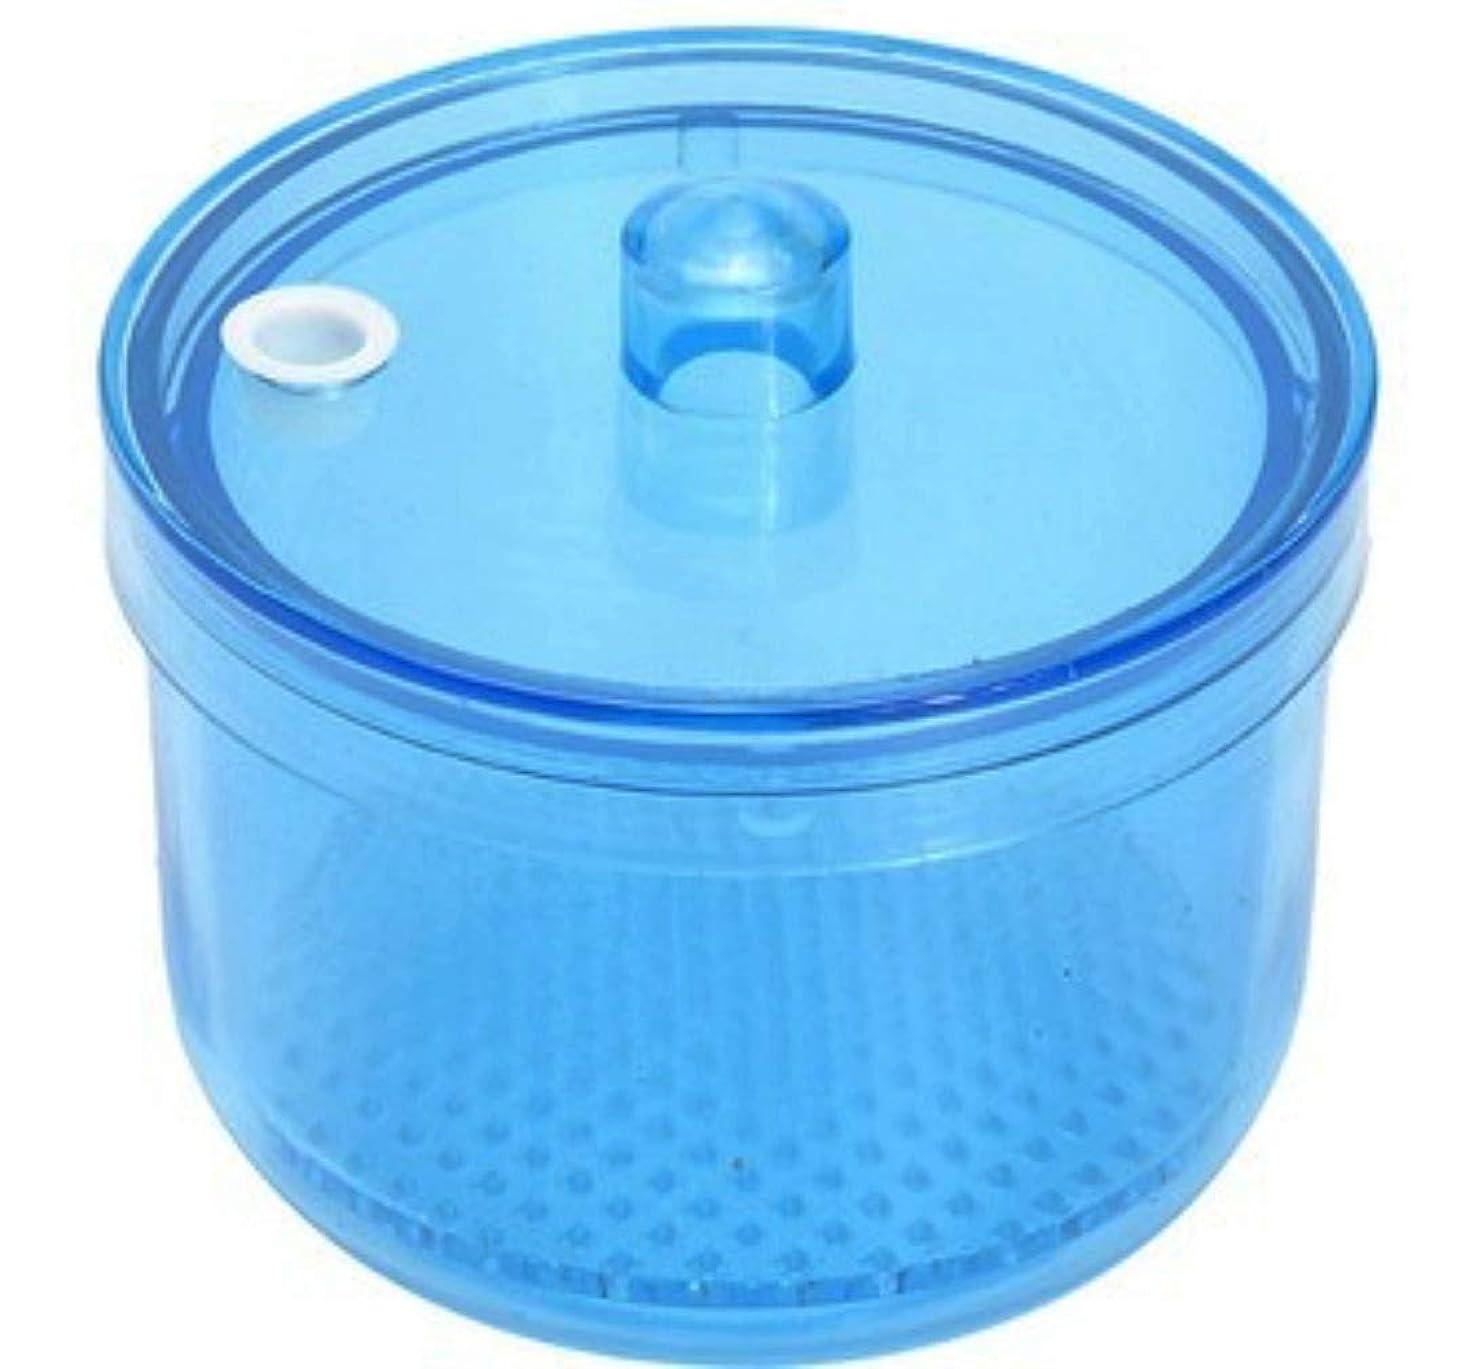 忠実酸最も遠いMOFF 入れ歯洗浄ケース ポット 網付き リテーナーボックス デンタルケース 高温高圧殺菌 洗浄剤対応可能 耐熱温度134度 シンプル (ブルー)